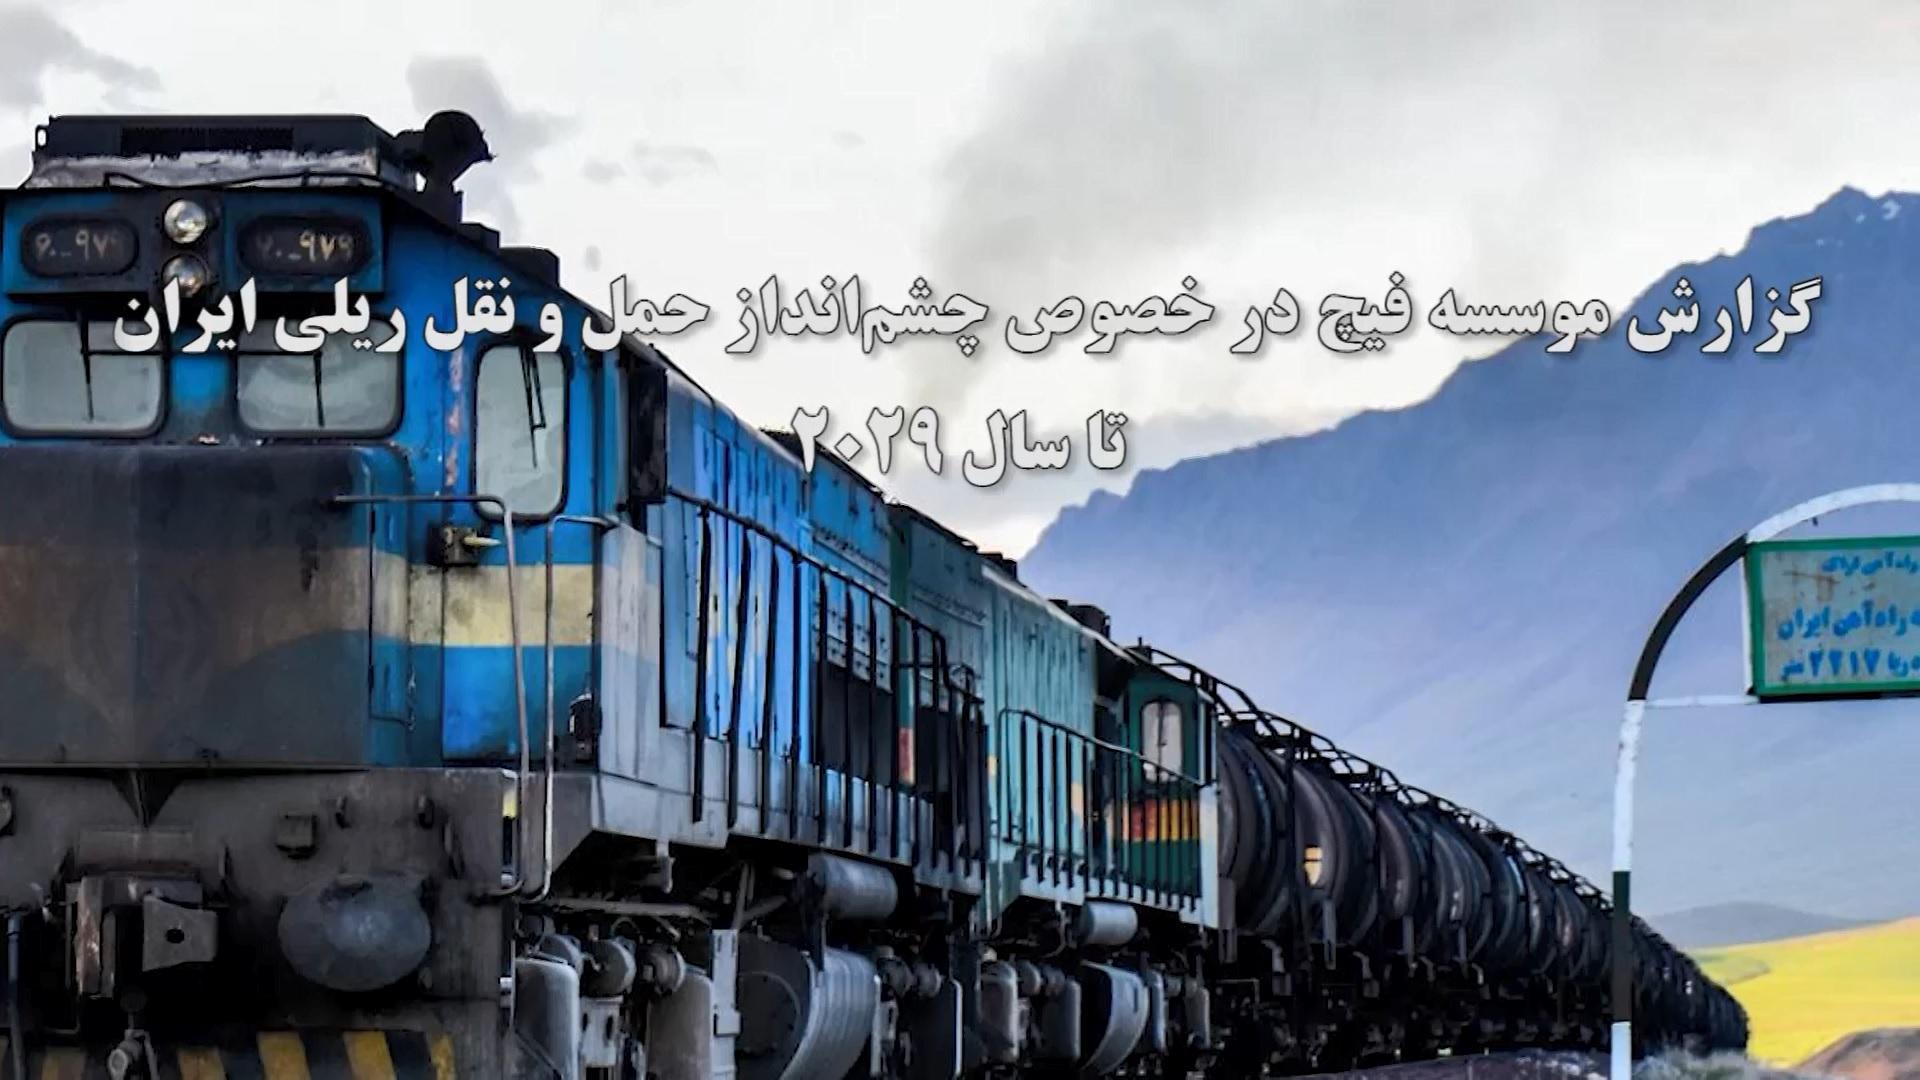 طرح های ۲۵ میلیارد دلاری ایران برای سرمایهگذاری در شبکه ریلی کشور + فیلم